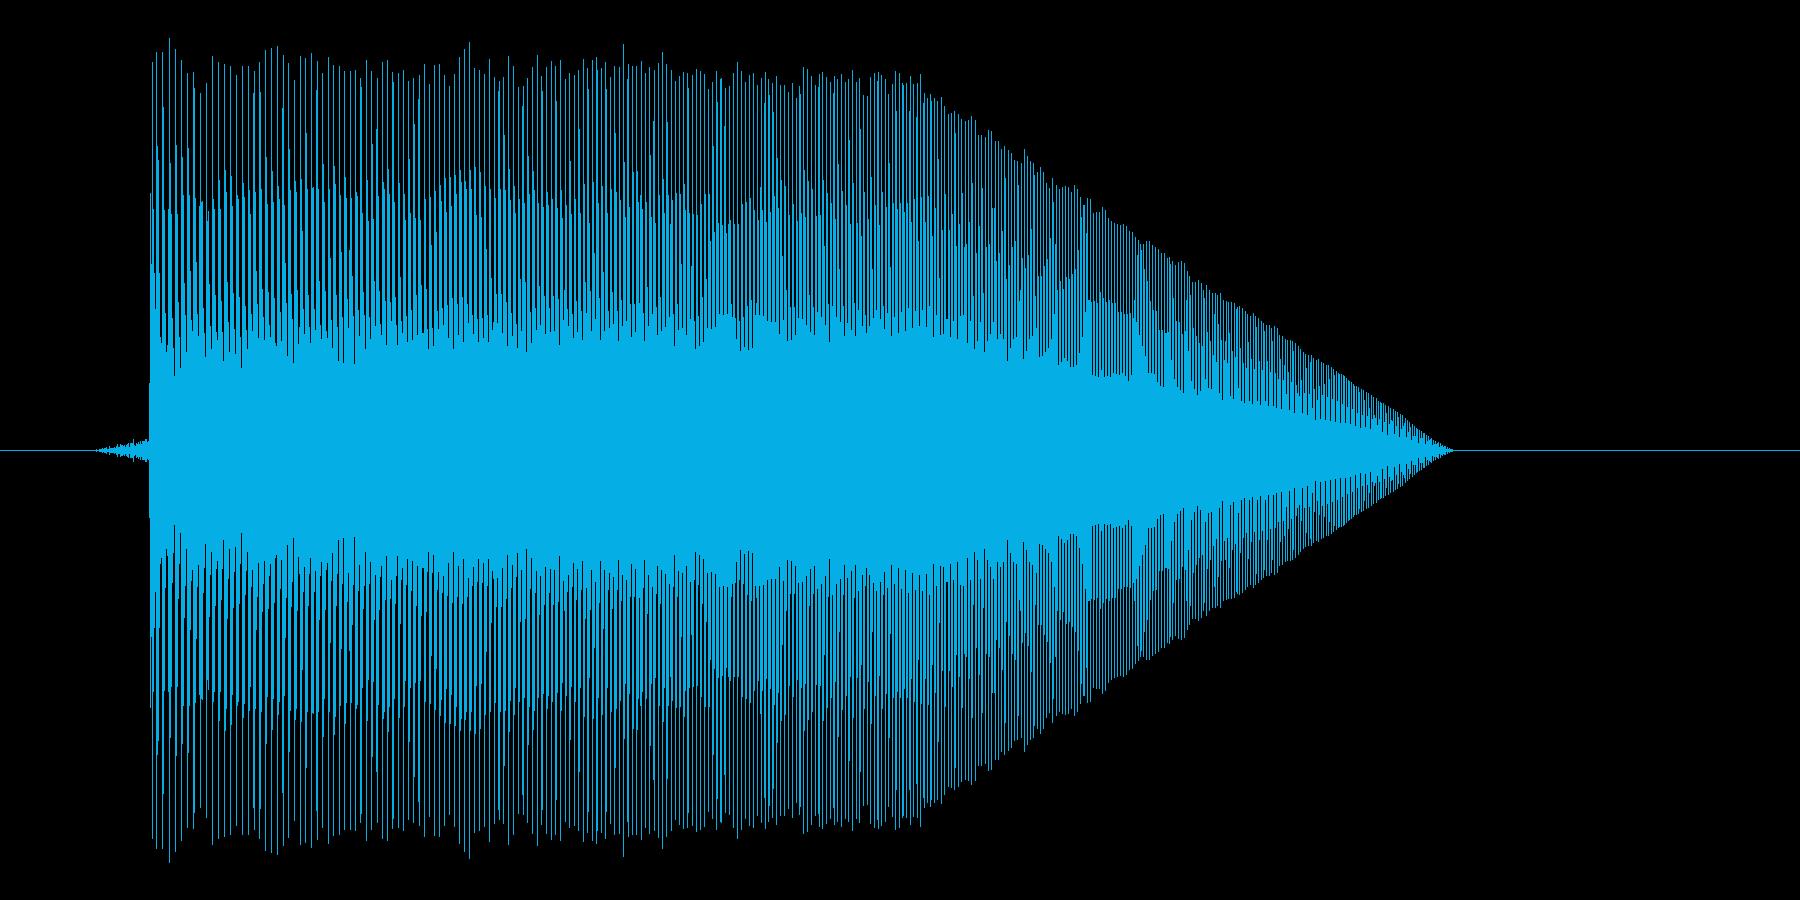 ゲーム(ファミコン風)ジャンプ音_007の再生済みの波形